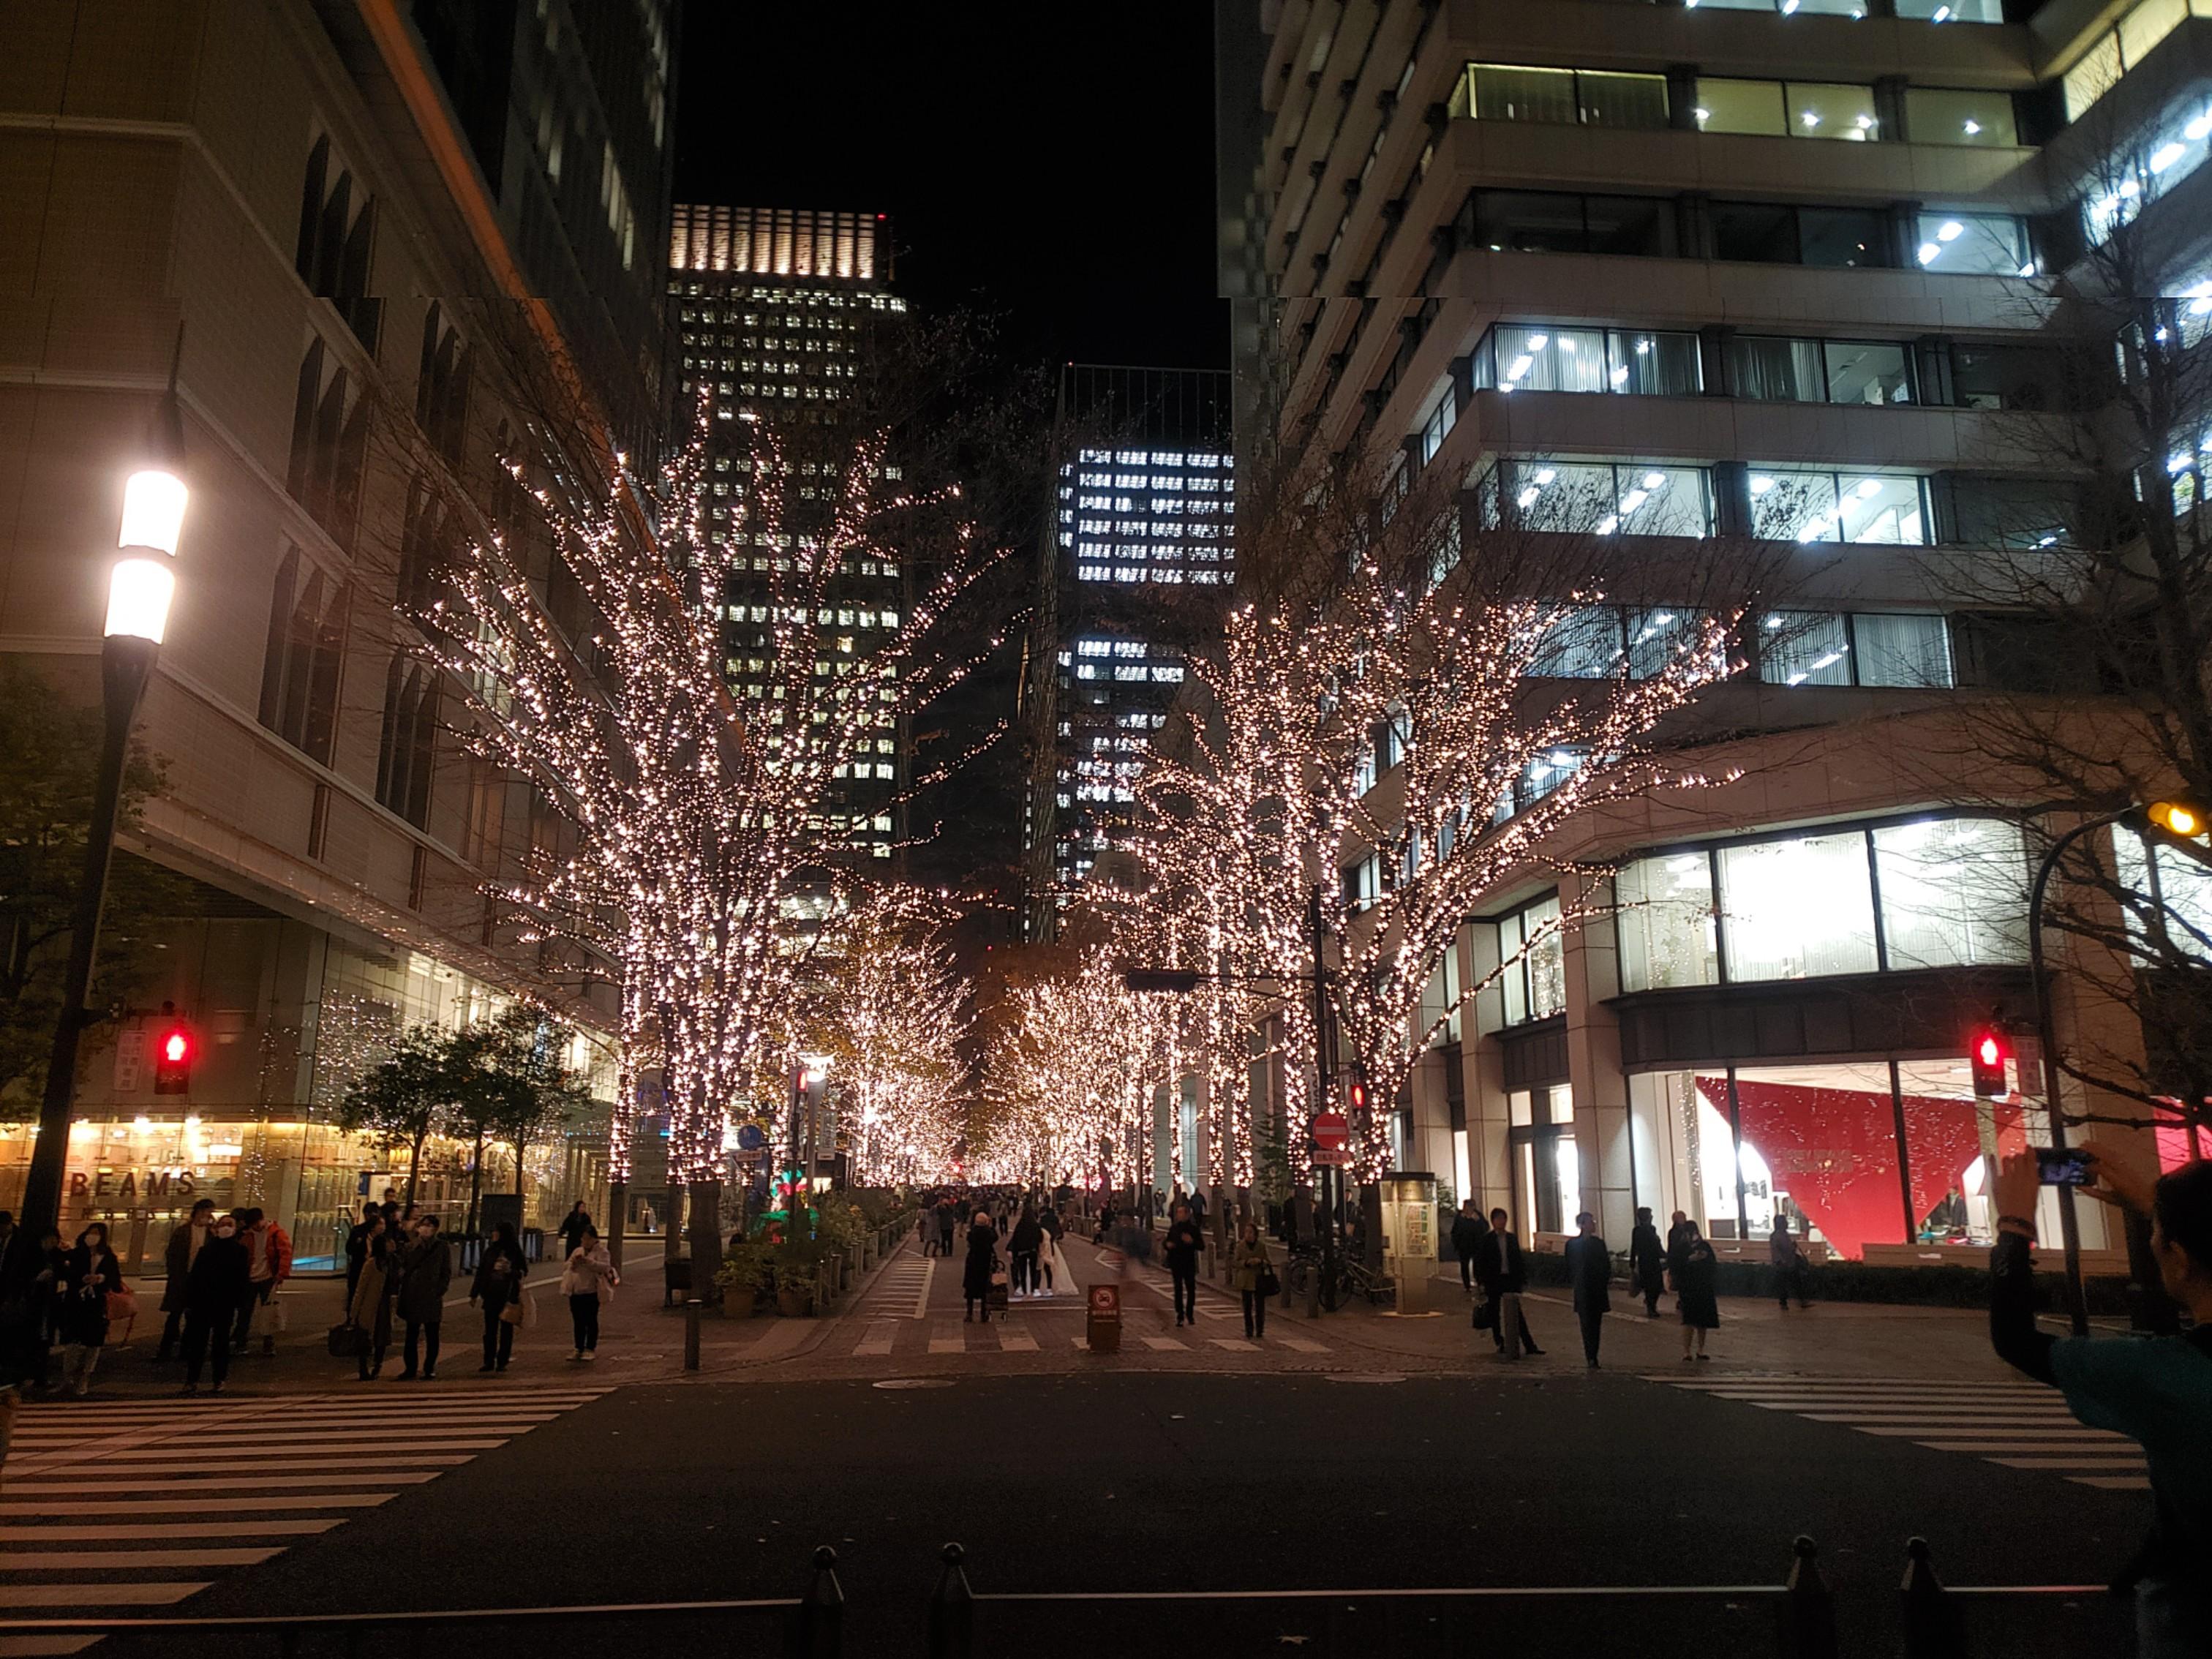 【丸ノ内】街全体がキラキラ☆観ごたえ抜群!ロマンチックイルミネーション★_2